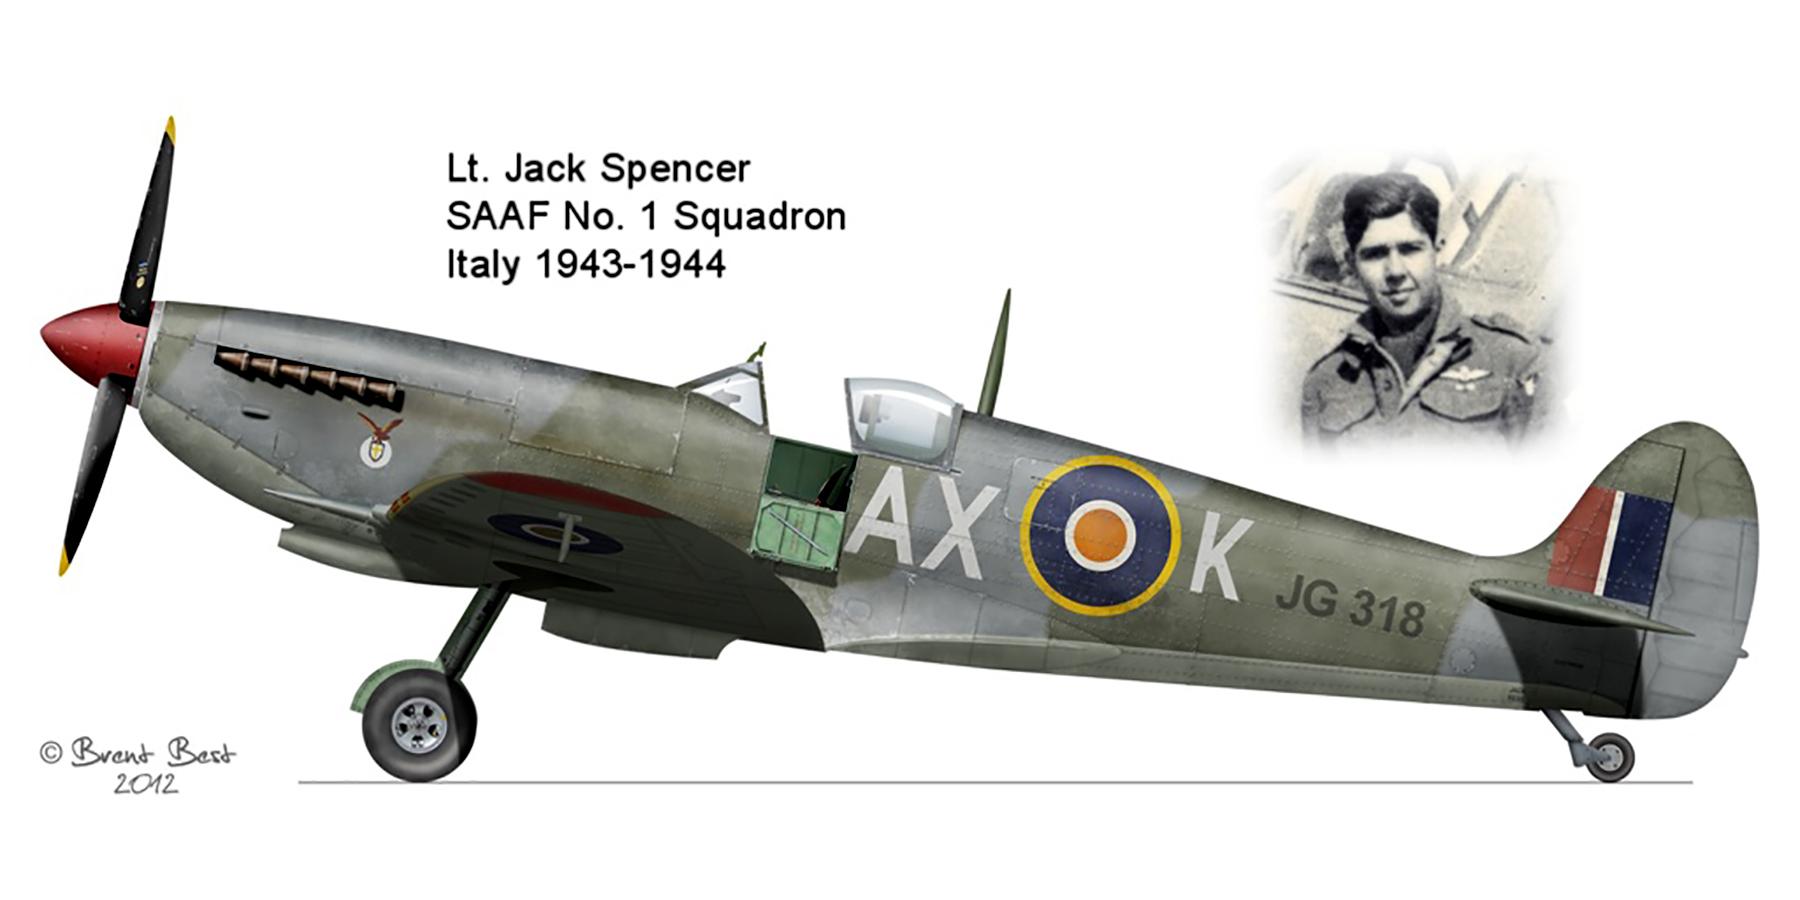 Spitfire MkVIII SAAF 1Sqn AXK JG318 Italy 1943 0A